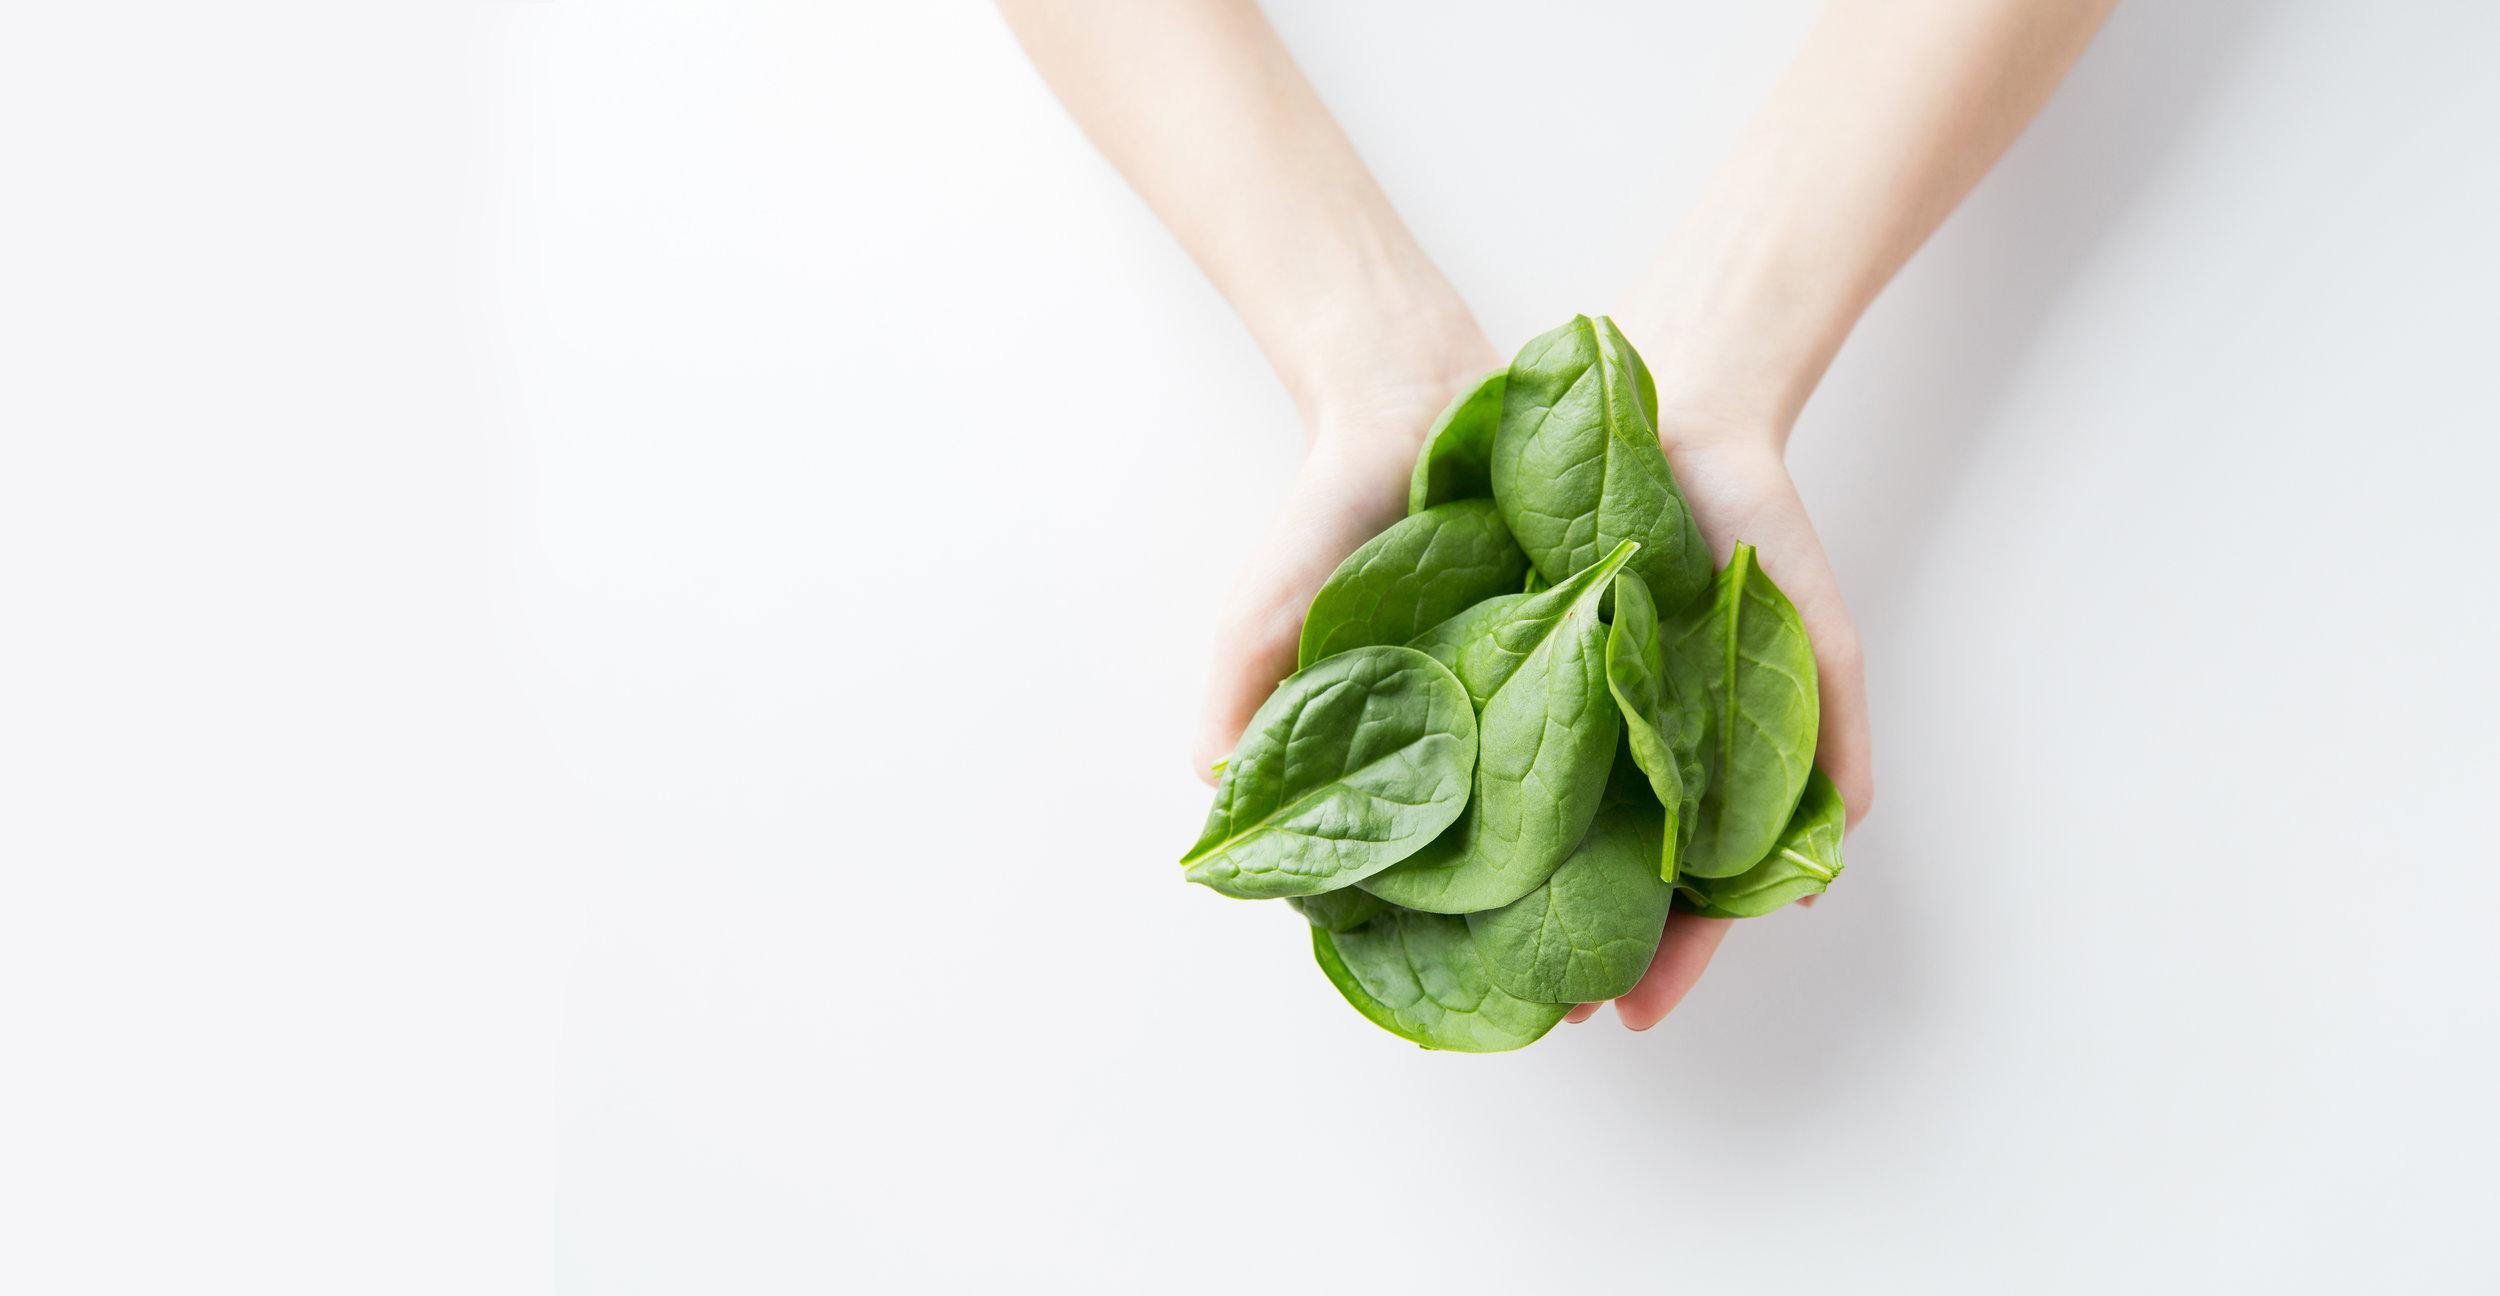 spinach - hands extend.jpg